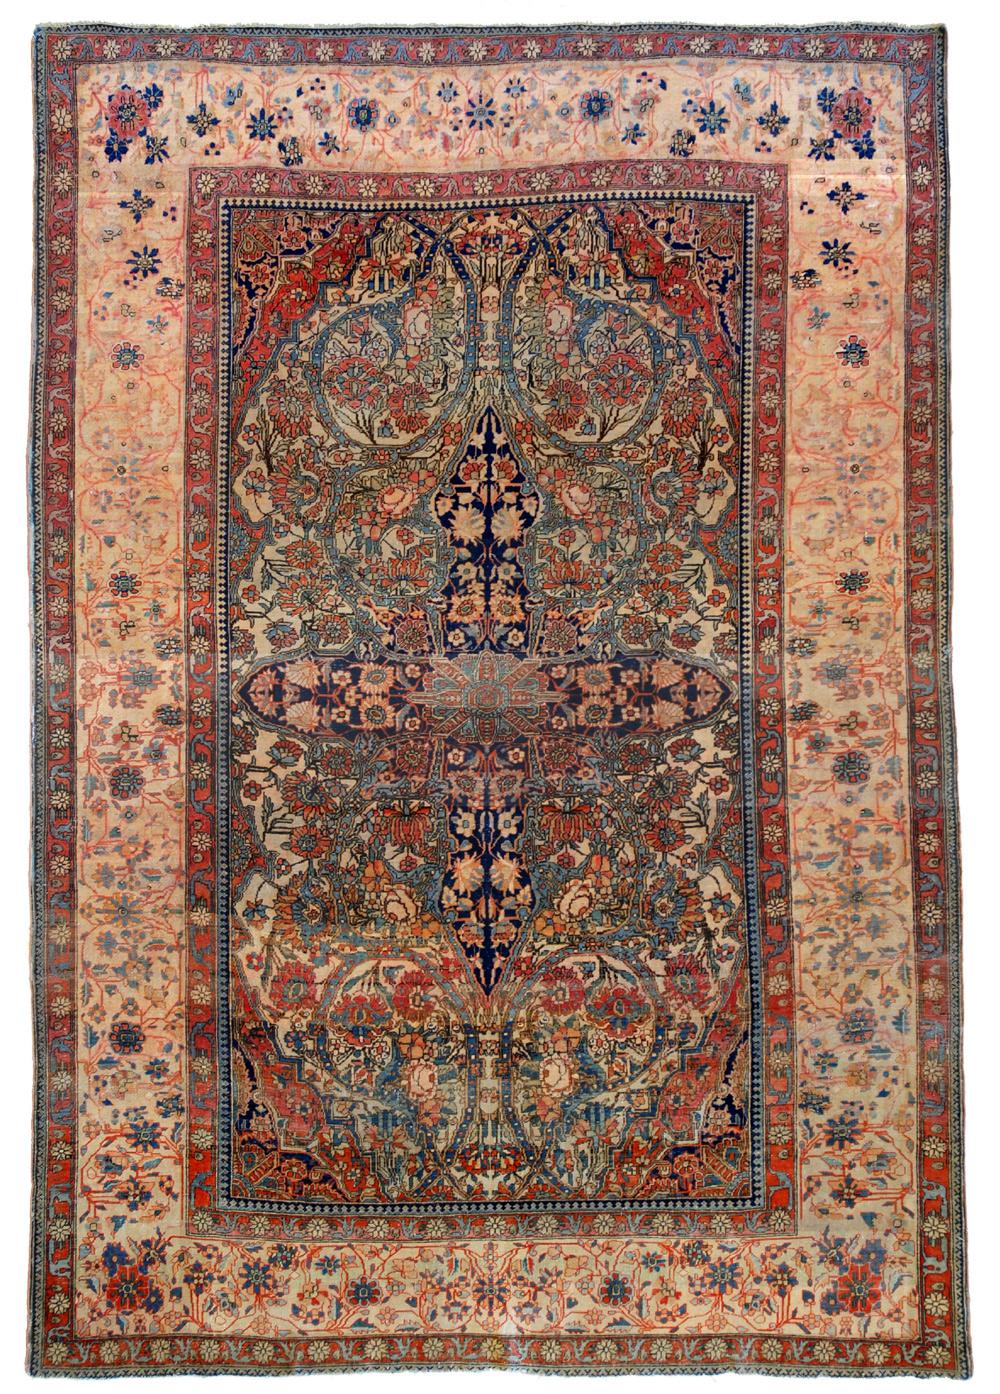 La tradizione dei tappeti persiani morandi tappeti - Valore tappeto persiano ...